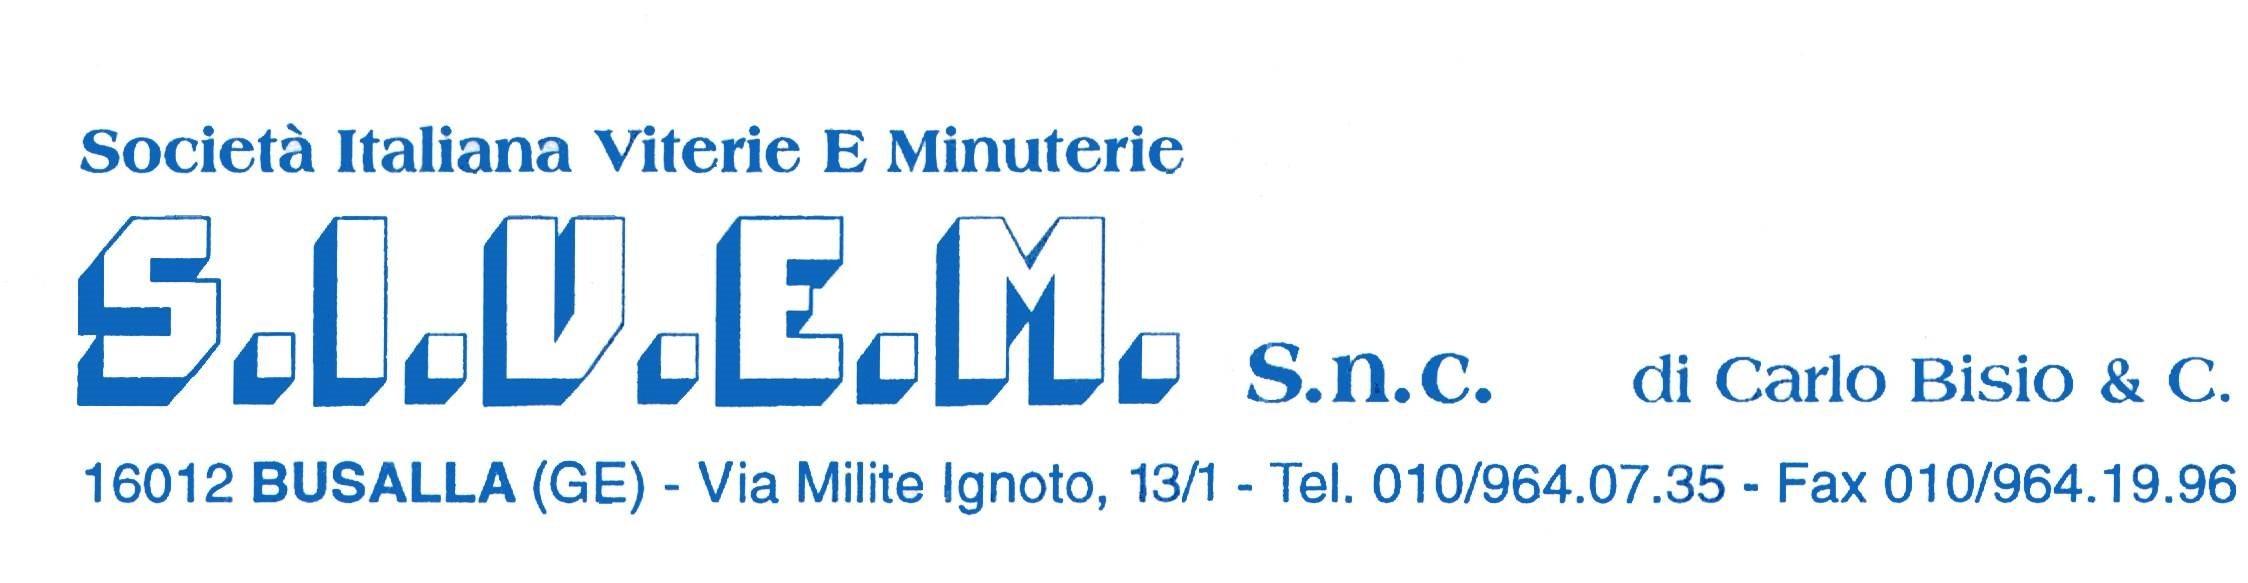 S.I.V.E.M. s.n.c.  SOCIETA' ITALIANA VITERIE E MINUTERIE